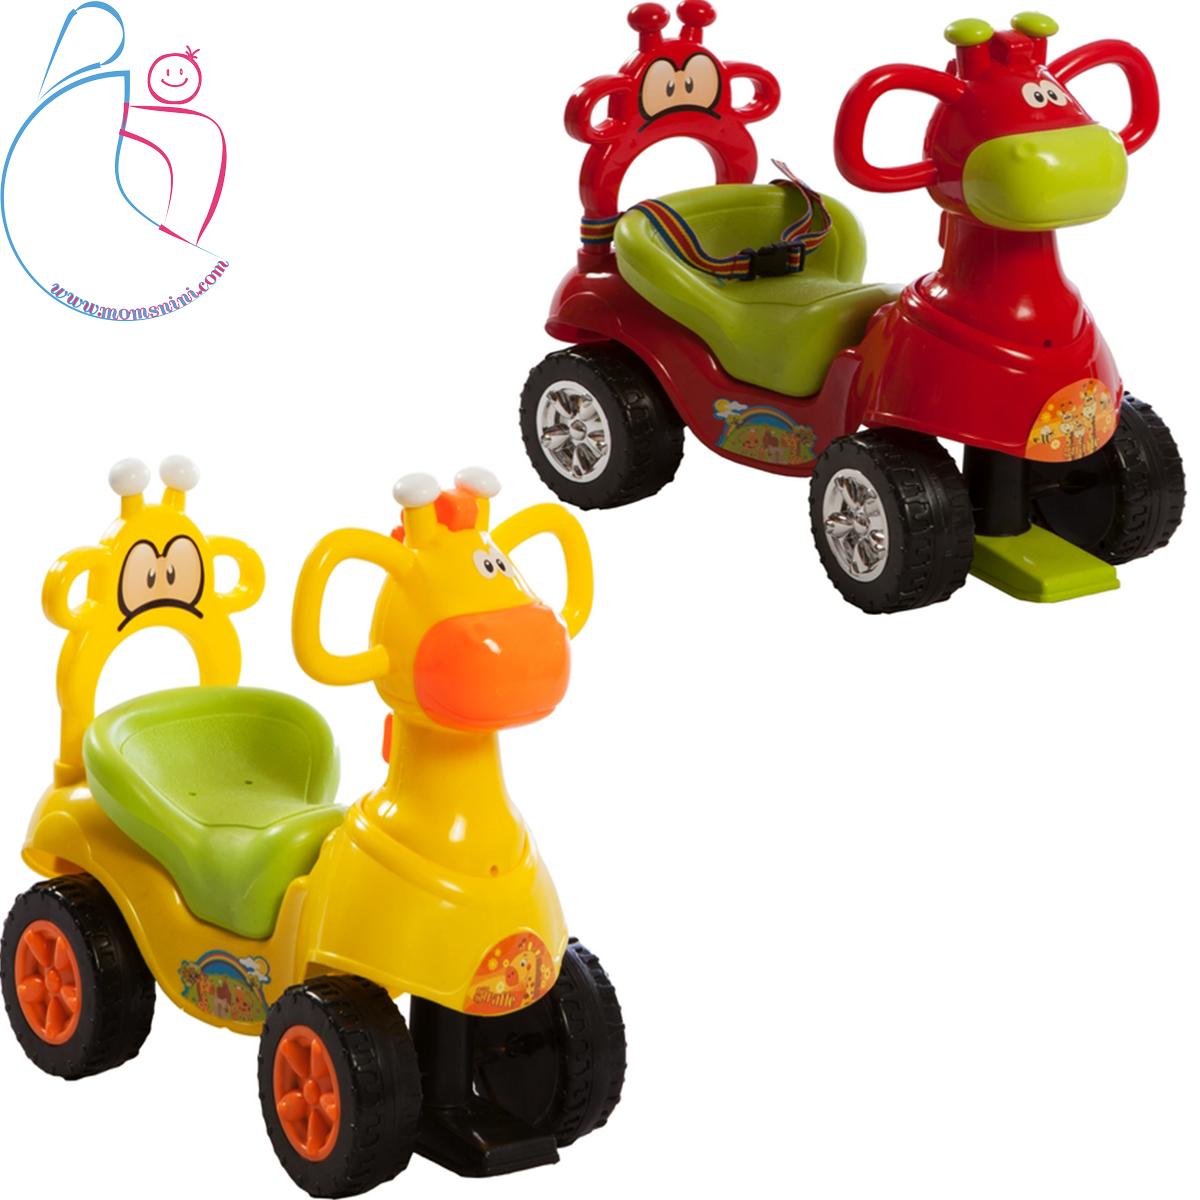 ماشین بازی سواری سپیده تویز مدل زرافه